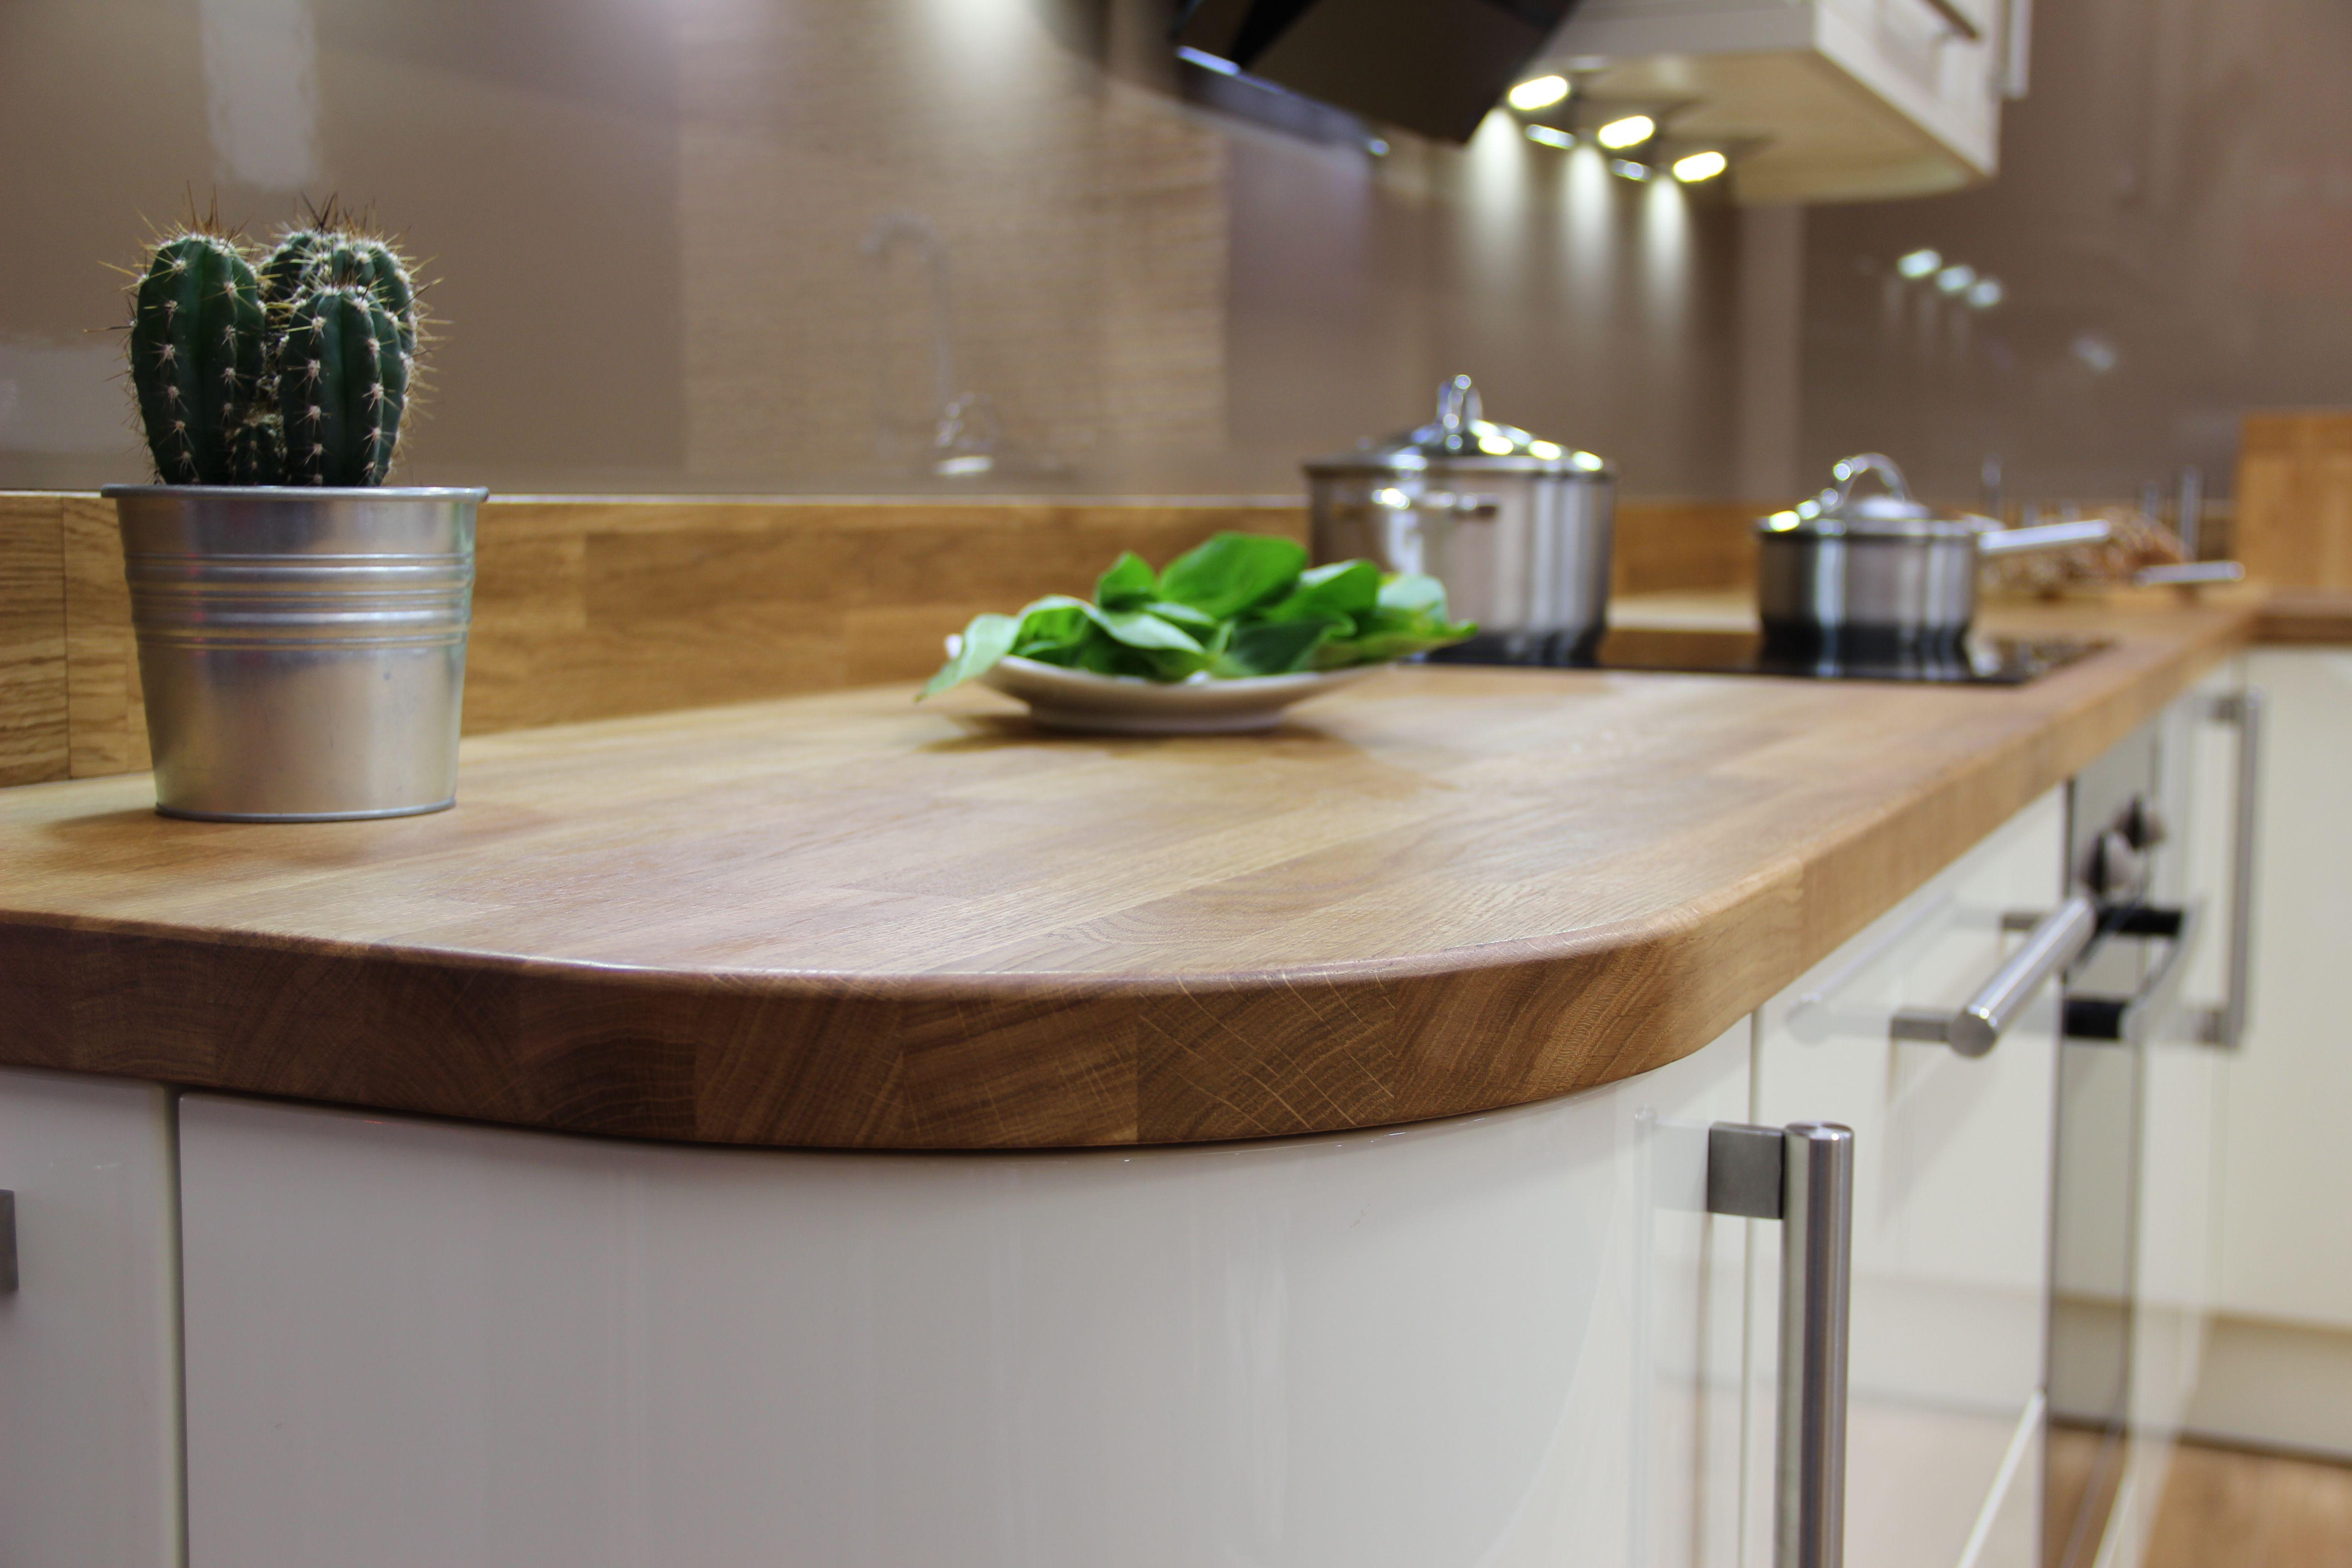 Solid Oak worktop curved end detail. Solid wood worktops